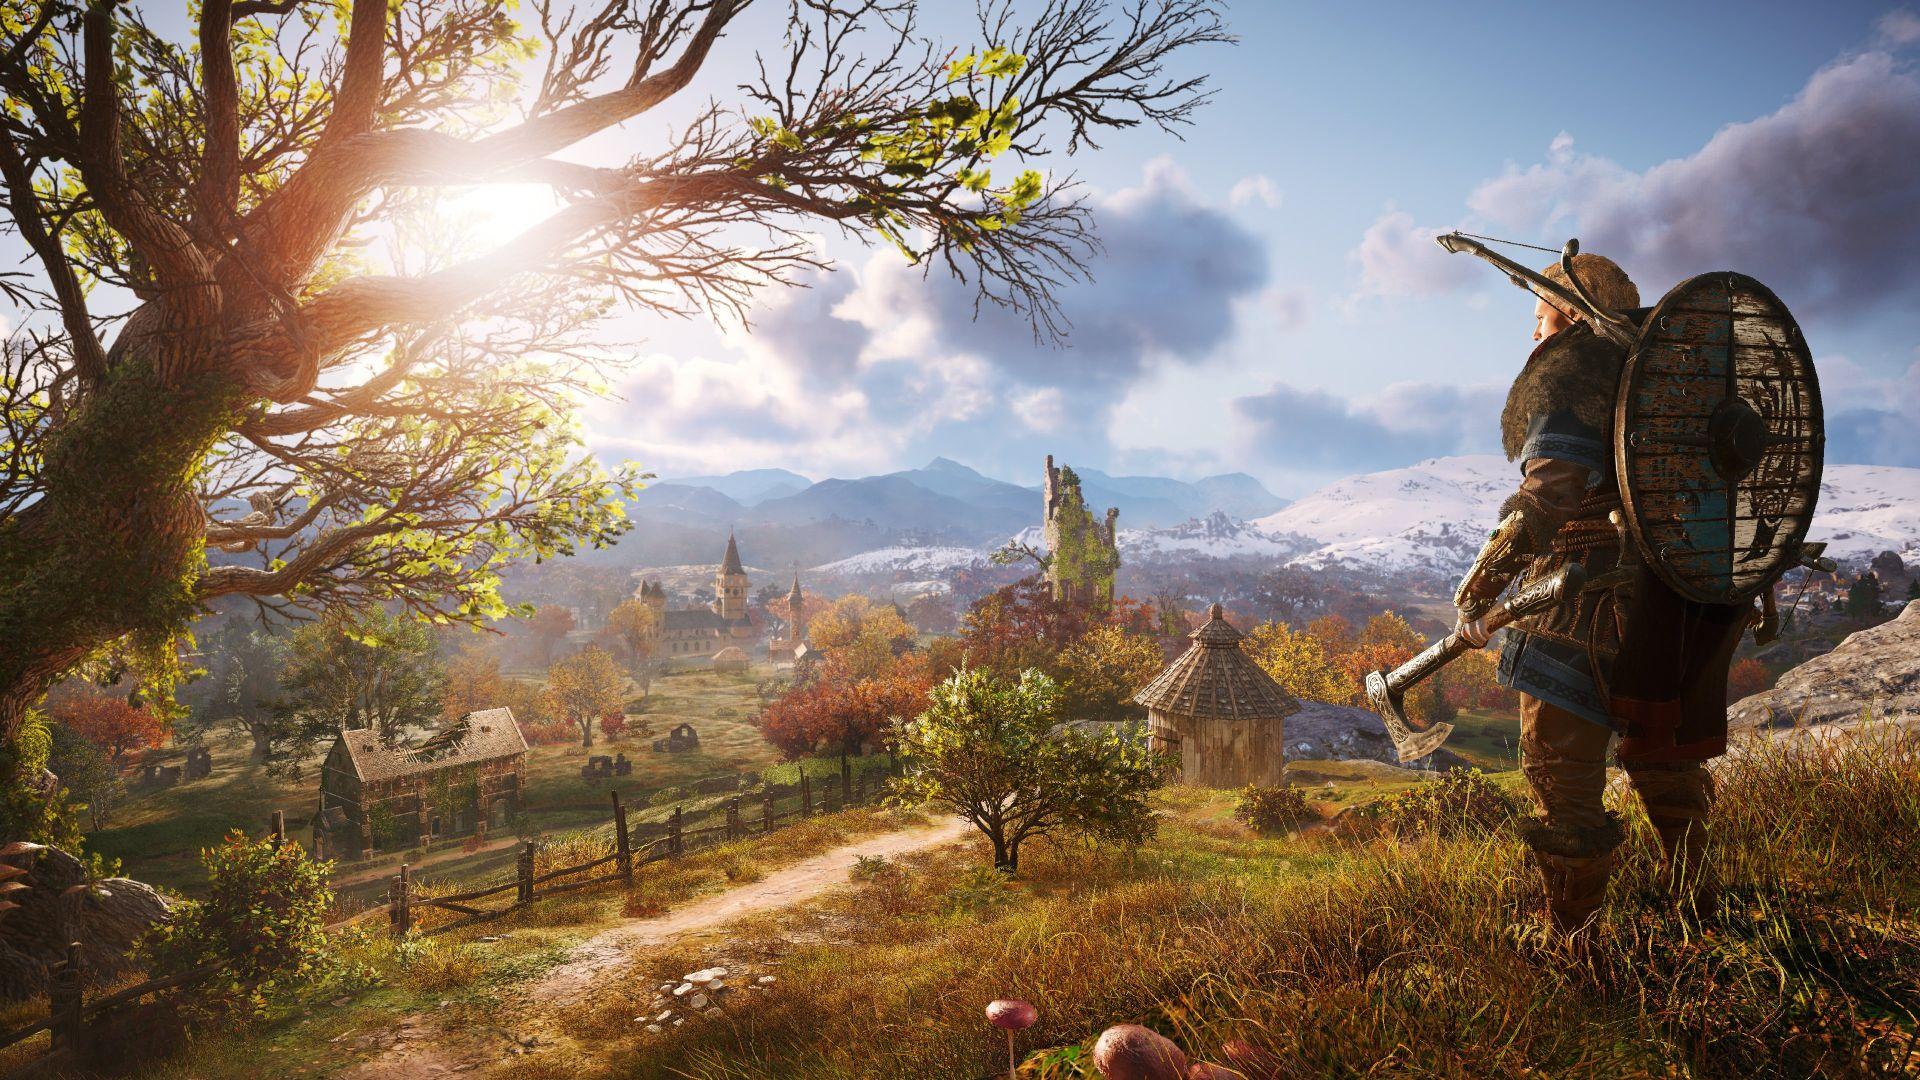 Никакого гринда: Assassin's Creed Valhalla будет более сбалансированной и доступной, чем предшественница